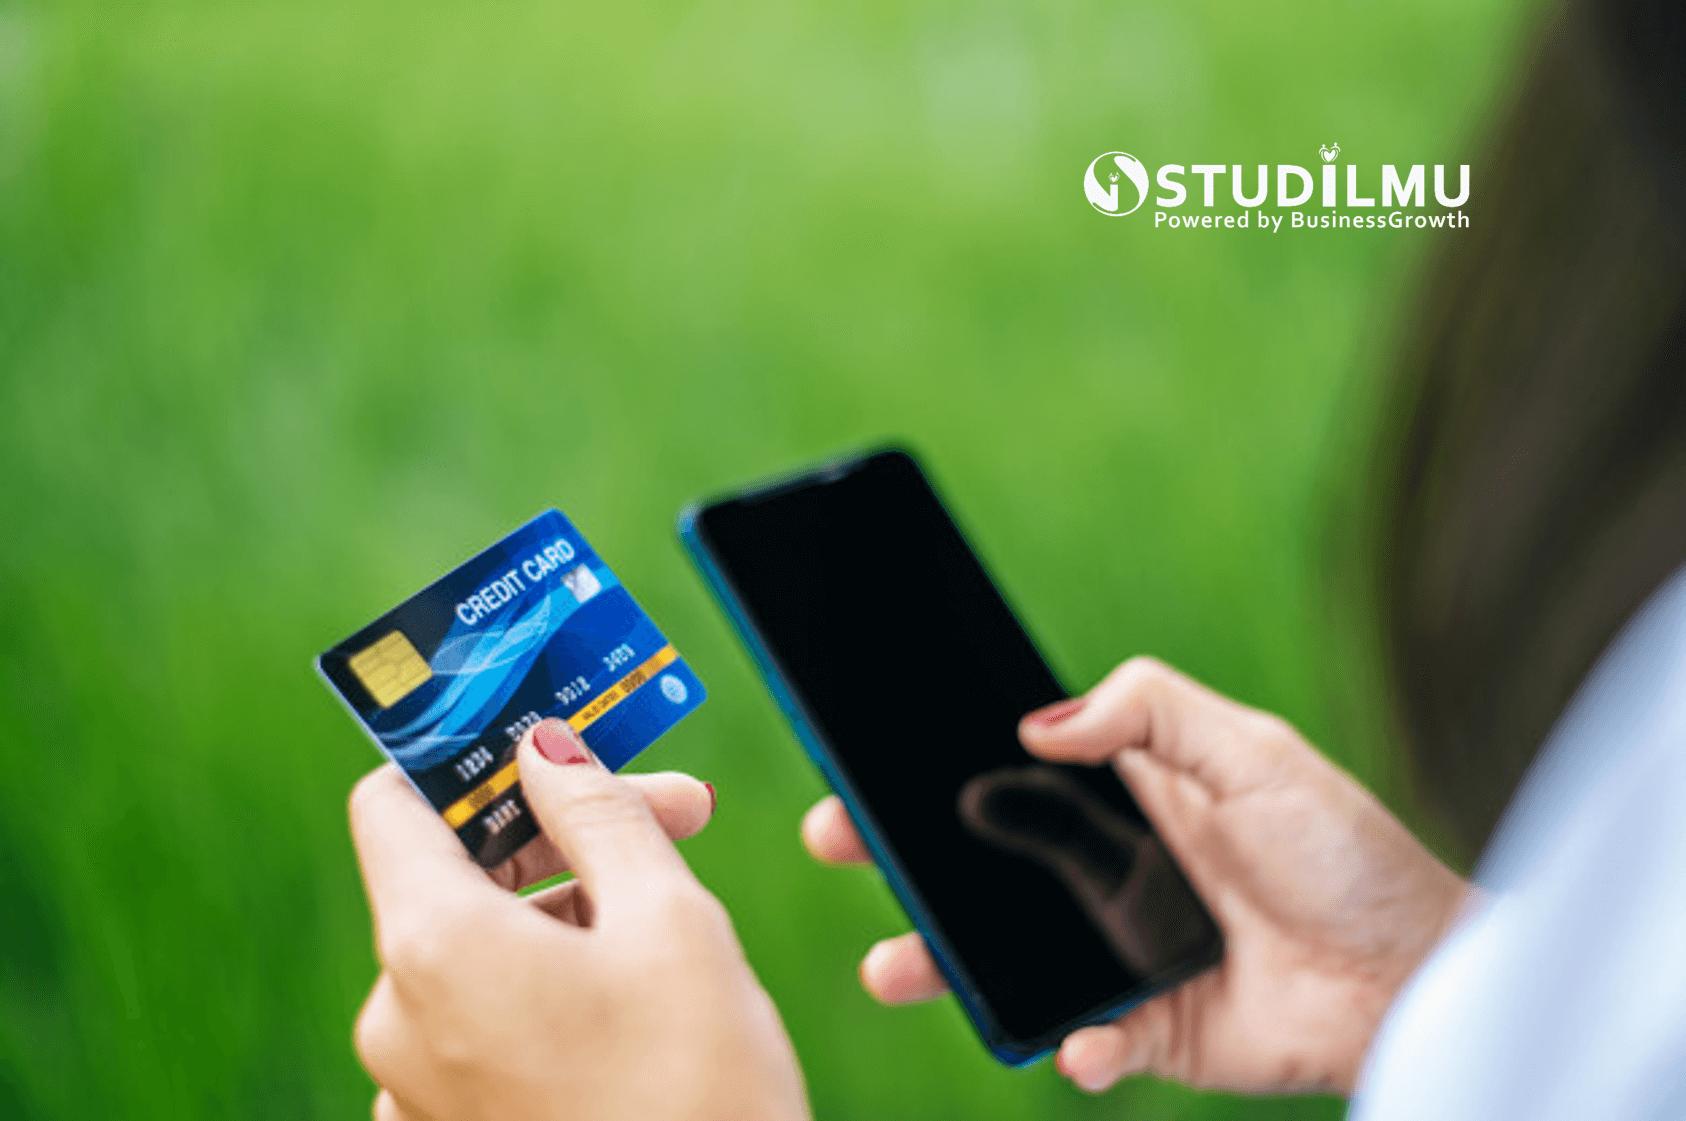 STUDILMU Career Advice - Pengertian Kartu Kredit dan 20 Cara Menggunakannya Secara Efektif